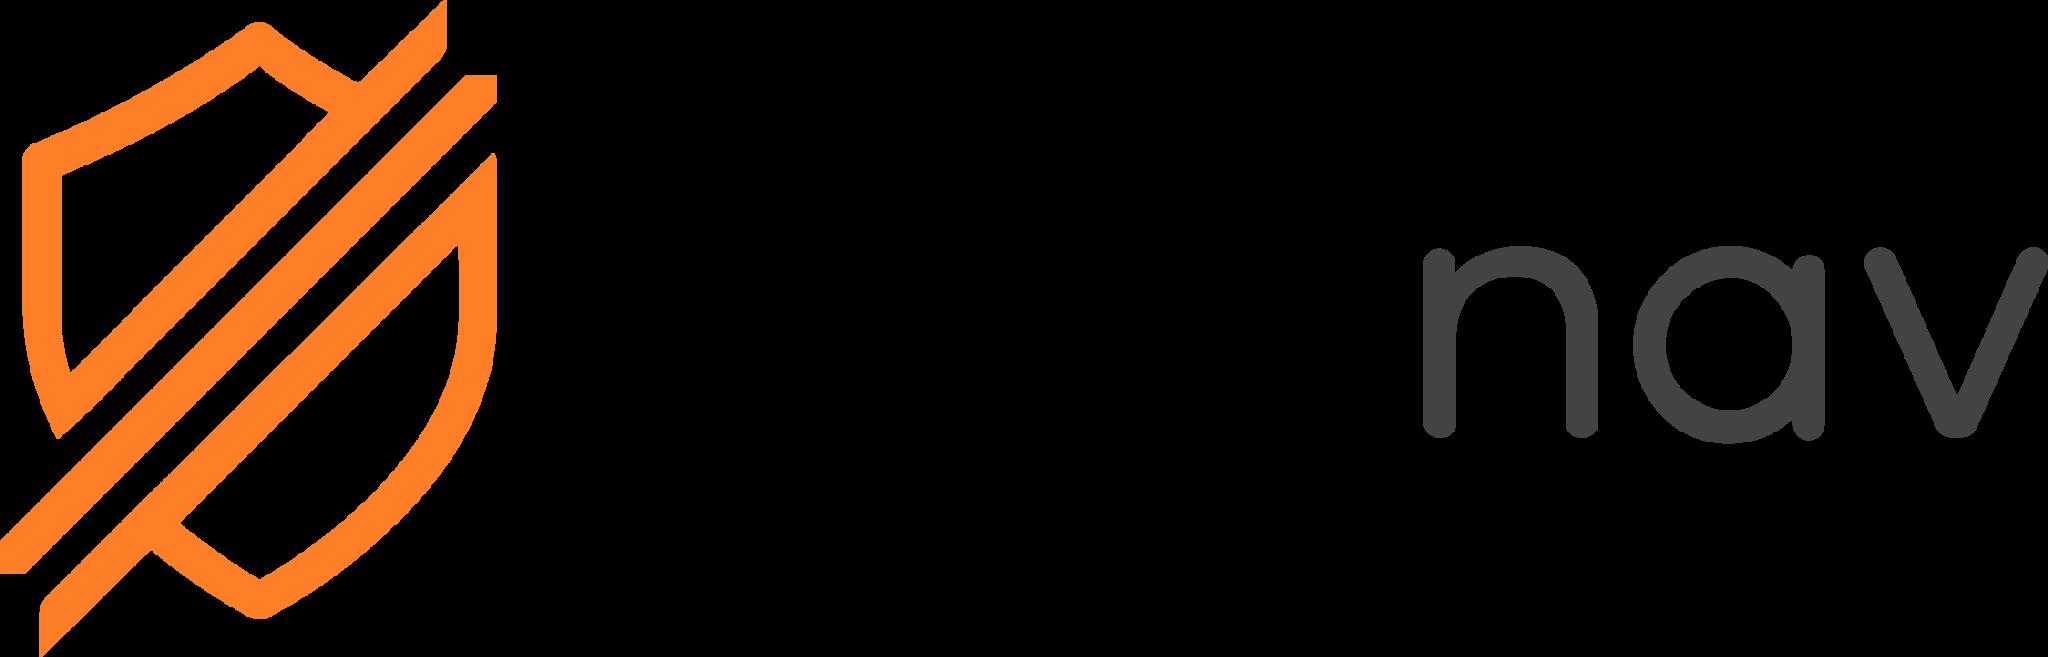 fieldNav